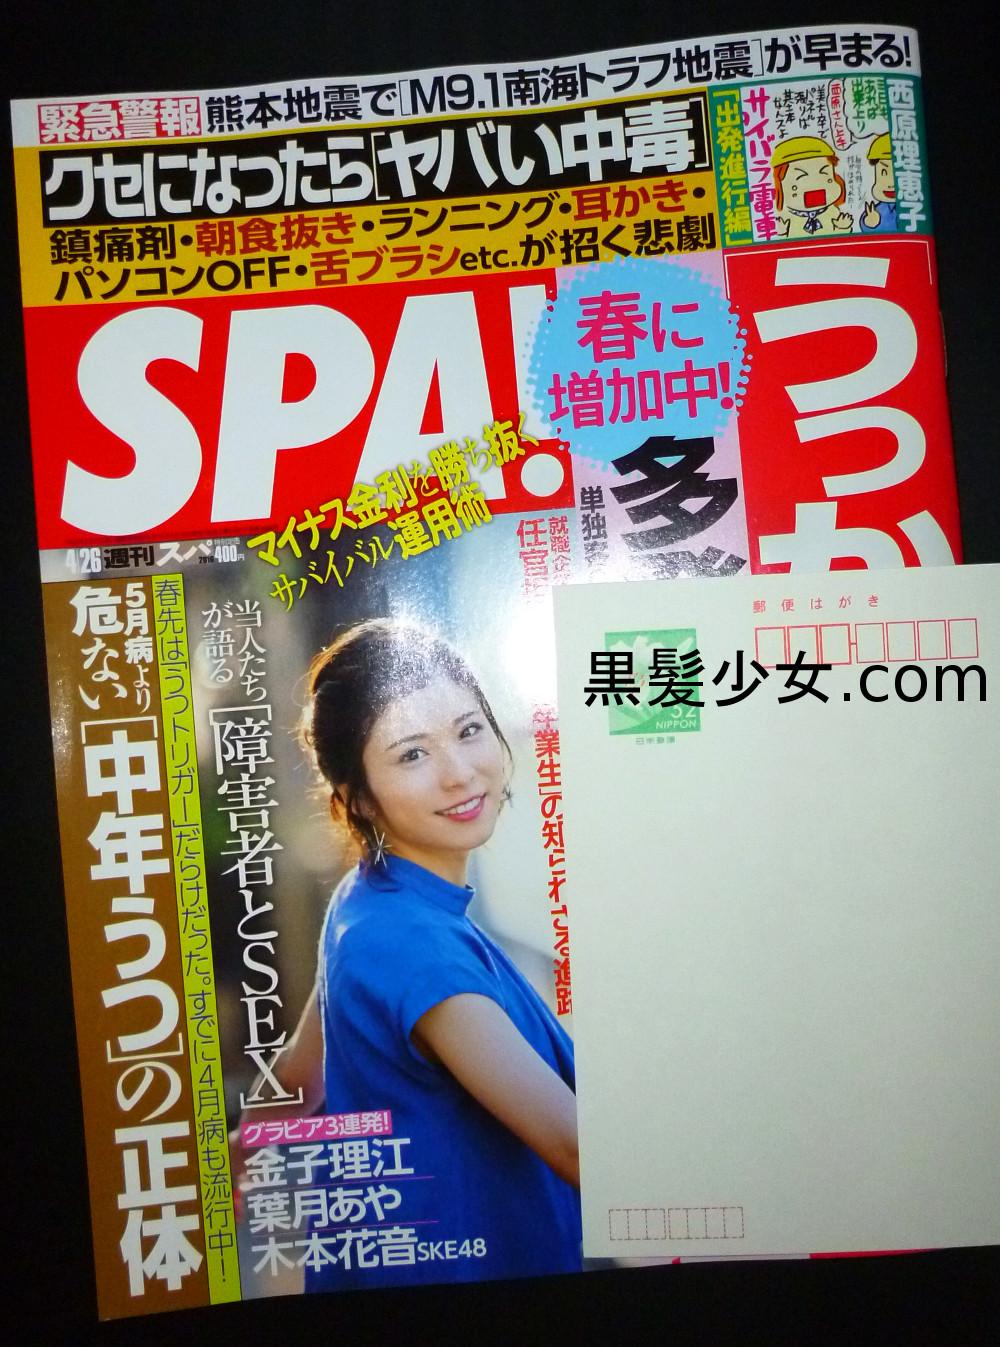 SPA!を宮脇咲良映画コラムのために初めて買う 「HKT48宮脇咲良の起き抜けすっぴんシアター」